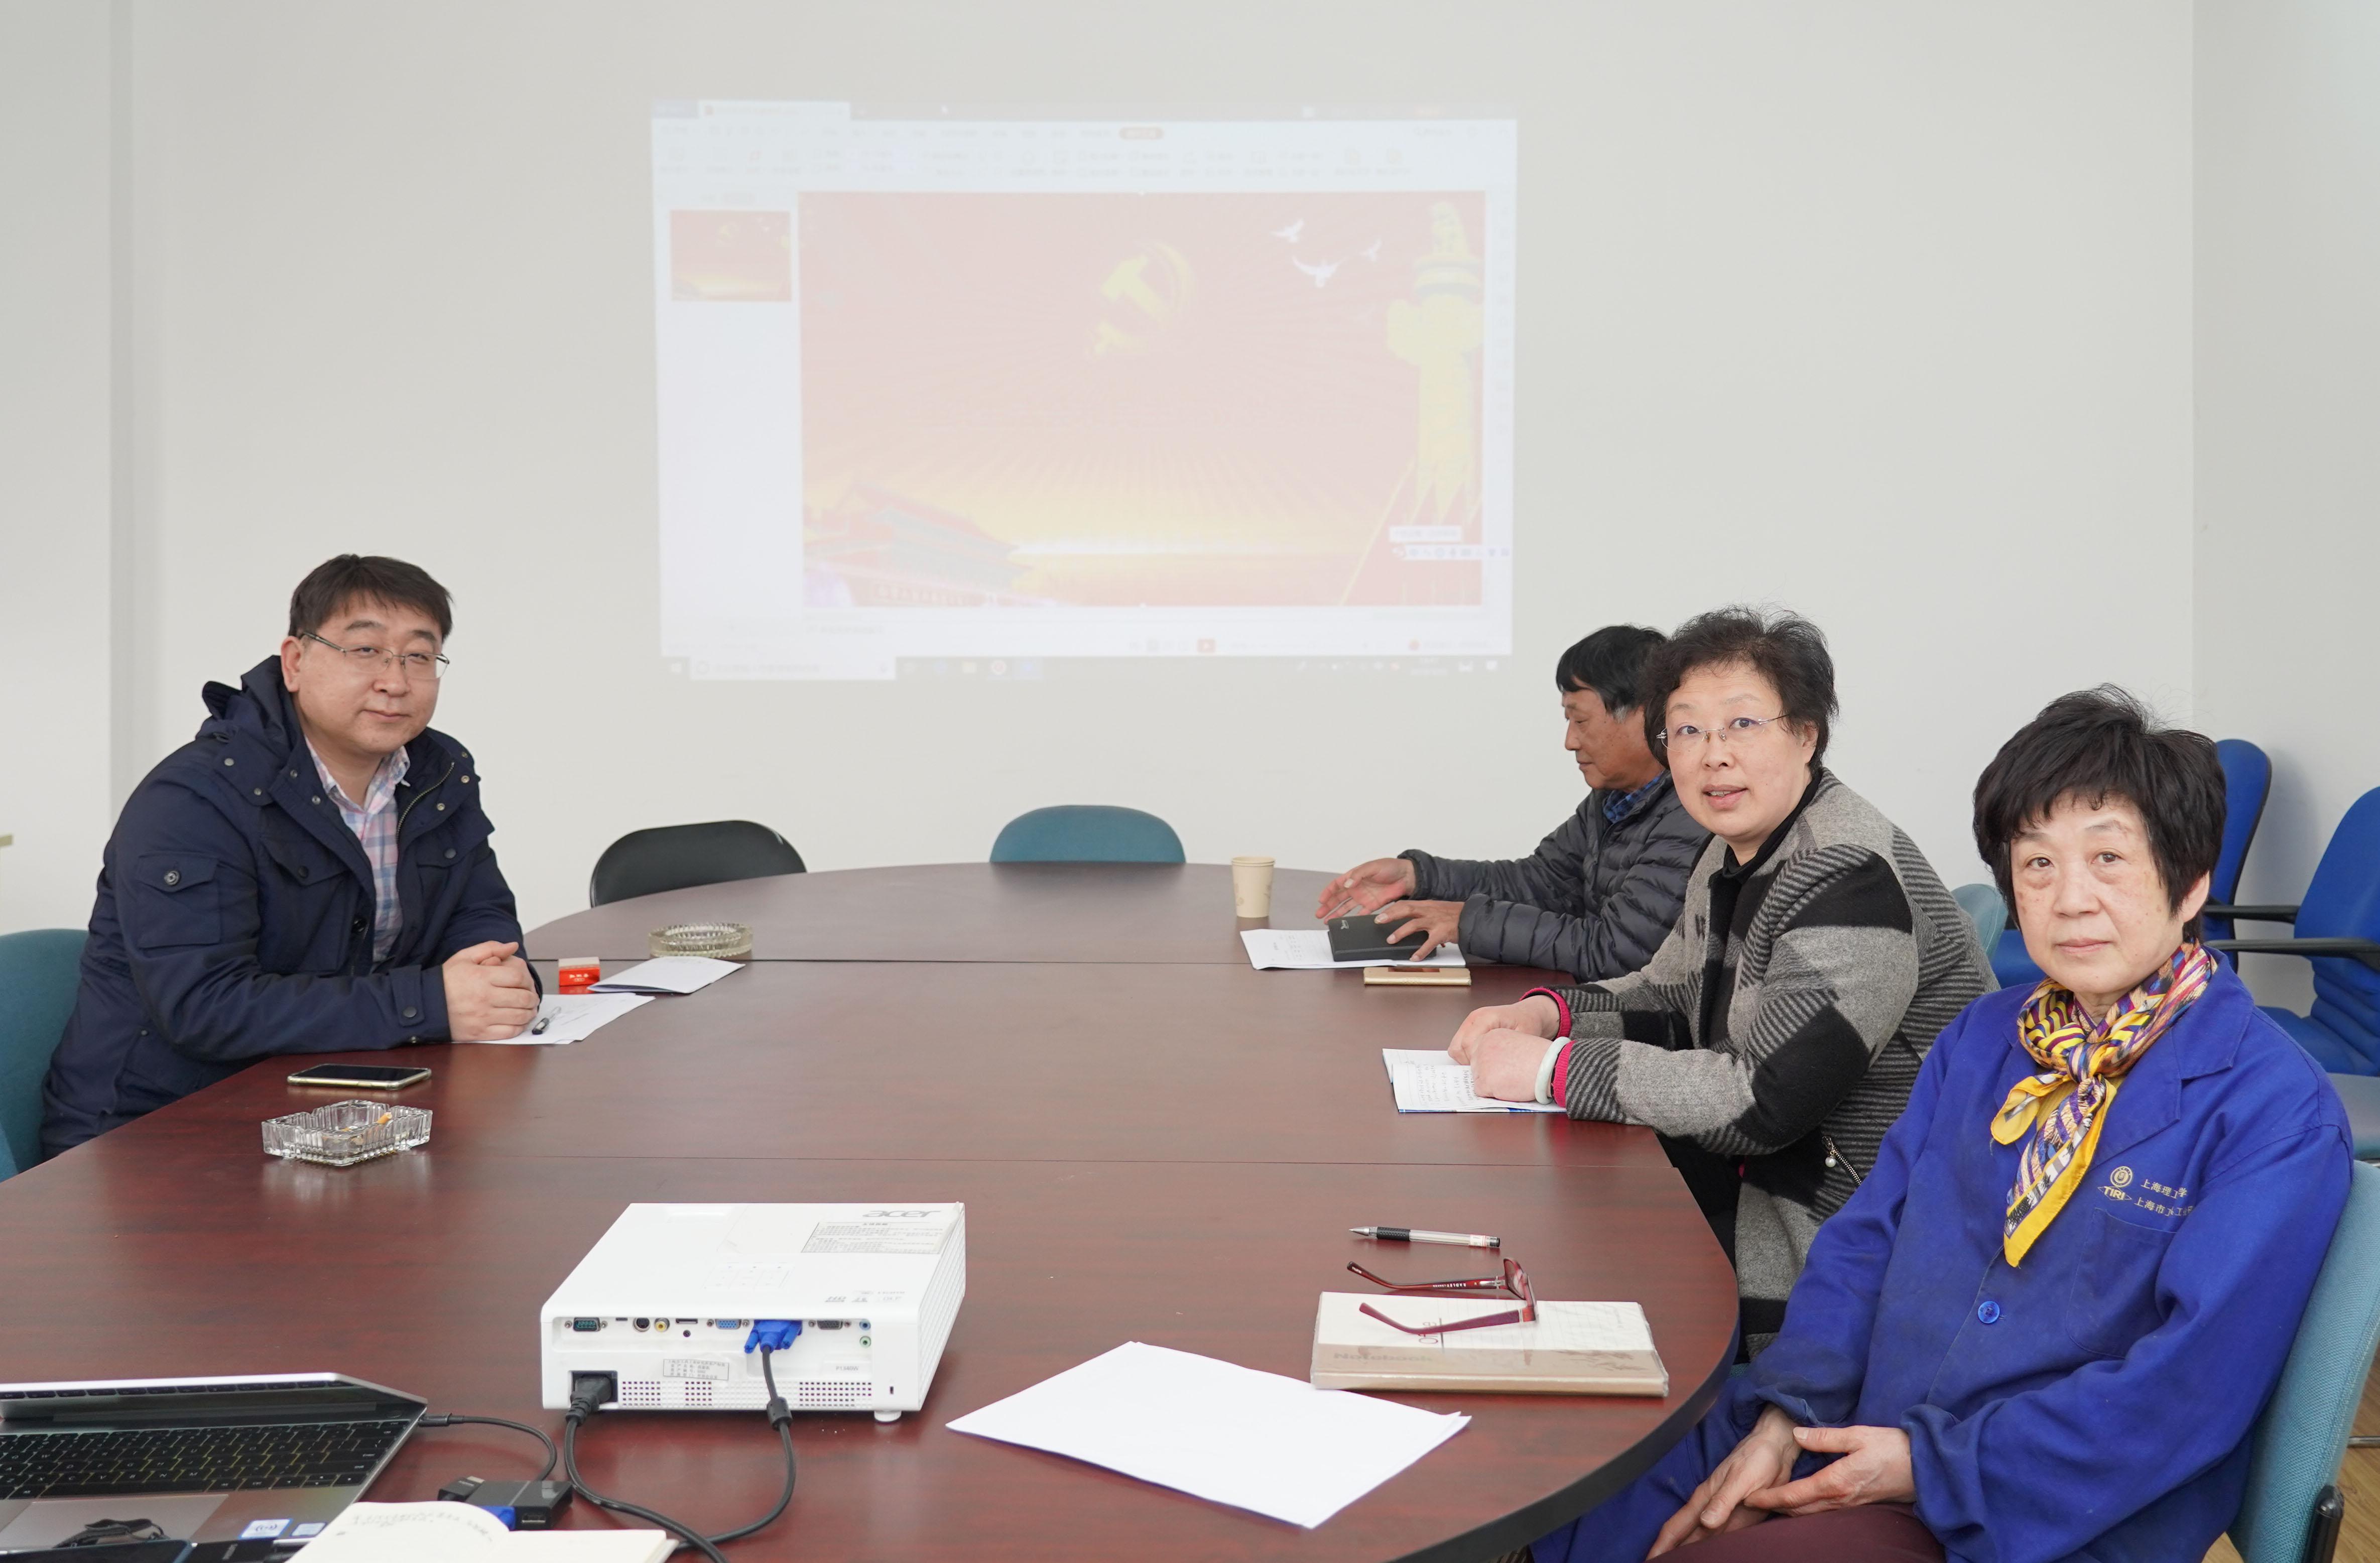 上海市工具工业研究所开展组织生活会和民主评议党员活动